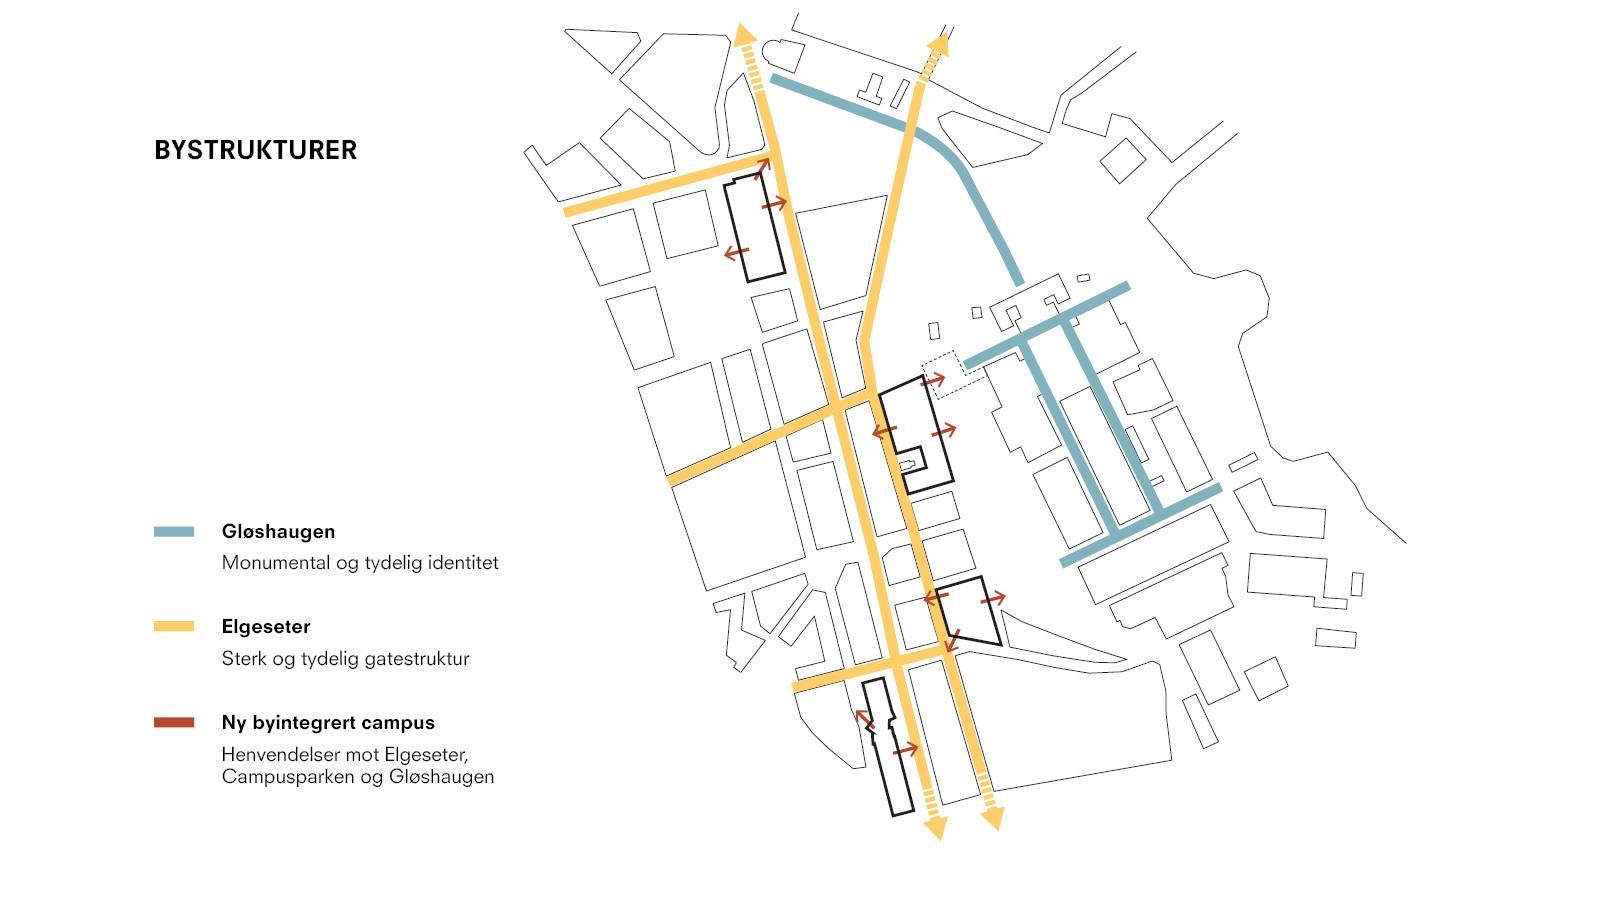 CITY STRUCTURE - NTNU – More Park, More City! - SPOL Architects